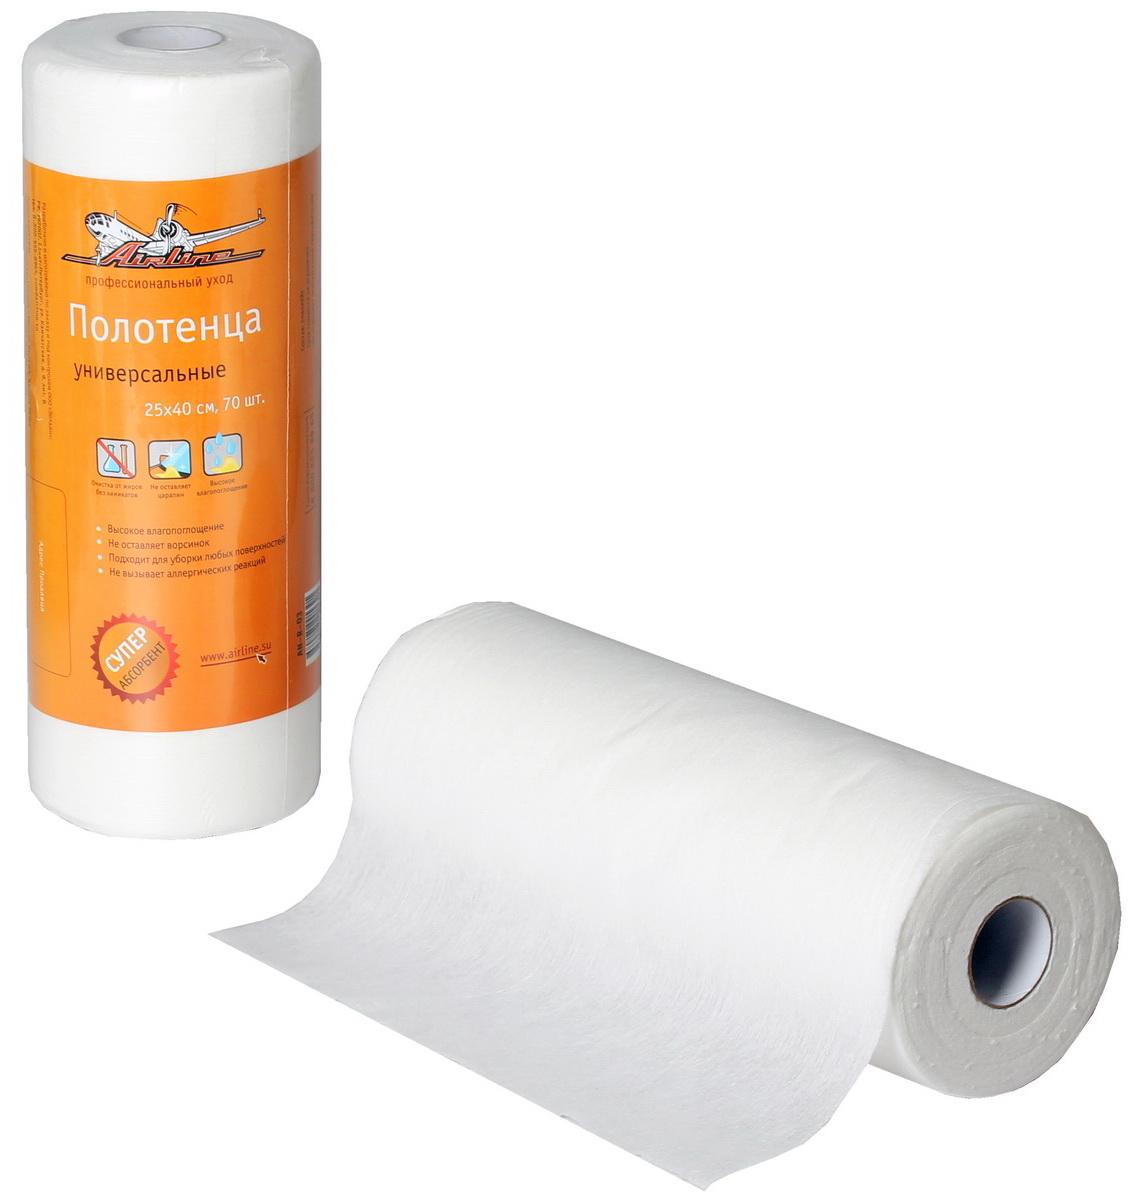 Полотенце универсальное Airline, 25 х 40 см, 70 штAN-R-03Универсальные полотенца Airline для уборки, помогут поддержанию чистоты в салоне автомобиля, дома и в любом другом месте. Полотенца выполнены из вискозы и полиэстера. С помощью полотенец может осуществляться исключительно влажная уборка. Изделия собирают даже мельчайшие загрязнения и тщательно впитывают влагу.Преимущества:- Высокое влагопоглощение,- Не оставляет ворсинок, - Подходит для уборки любых поверхностей, - Не вызывает аллергических реакций. Не подлежит обязательной сертификации.